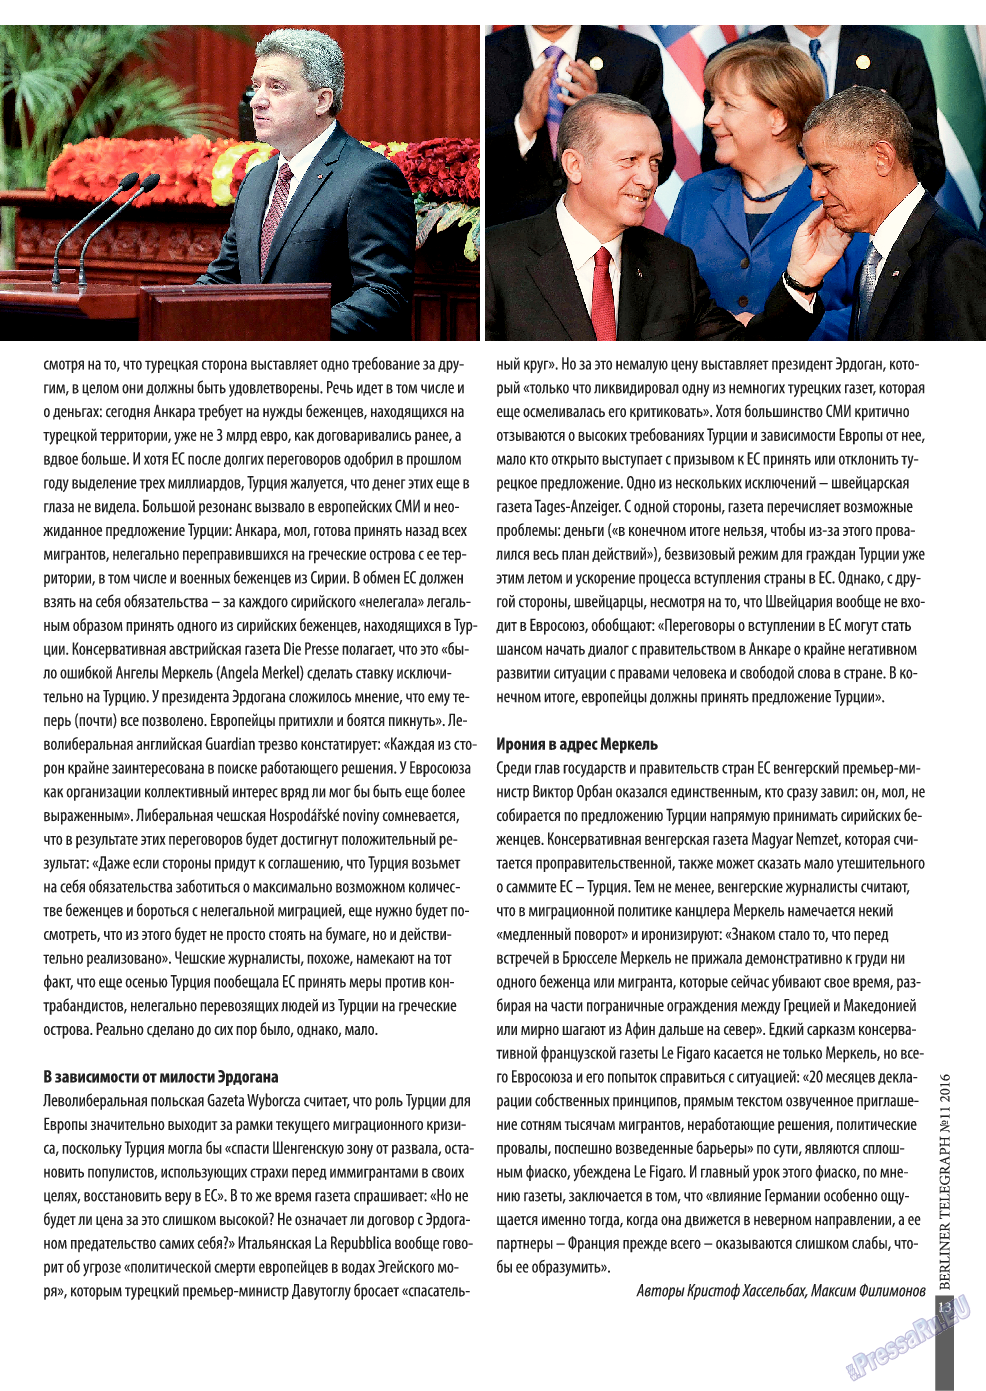 Берлинский телеграф (журнал). 2016 год, номер 12, стр. 13